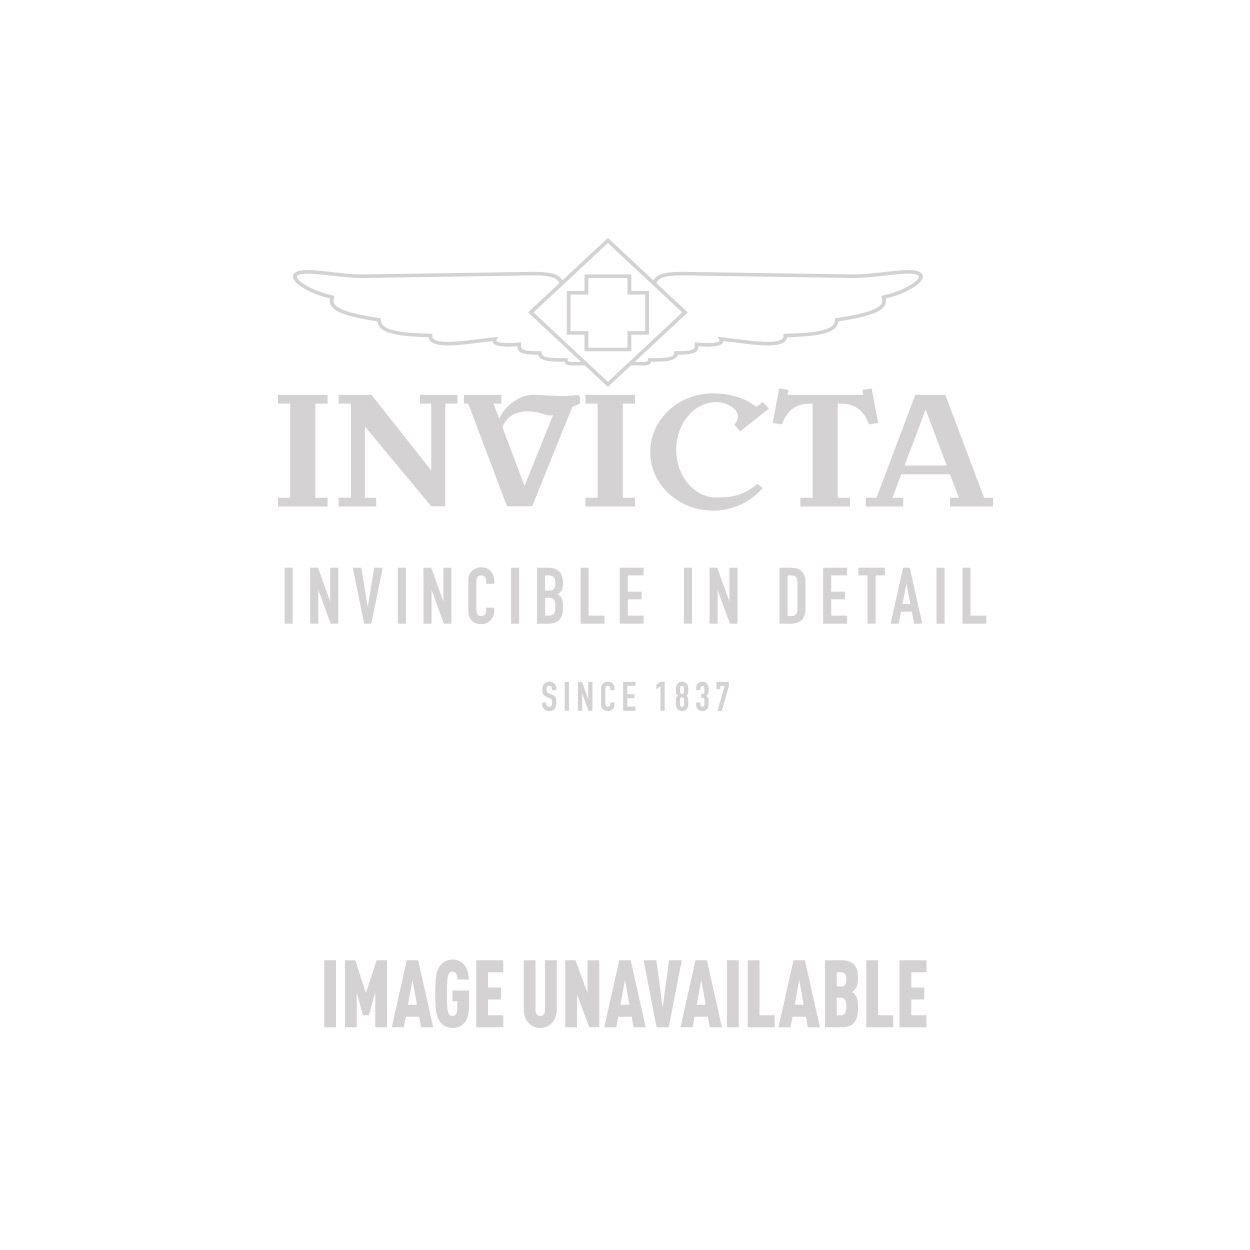 Invicta Model 25231